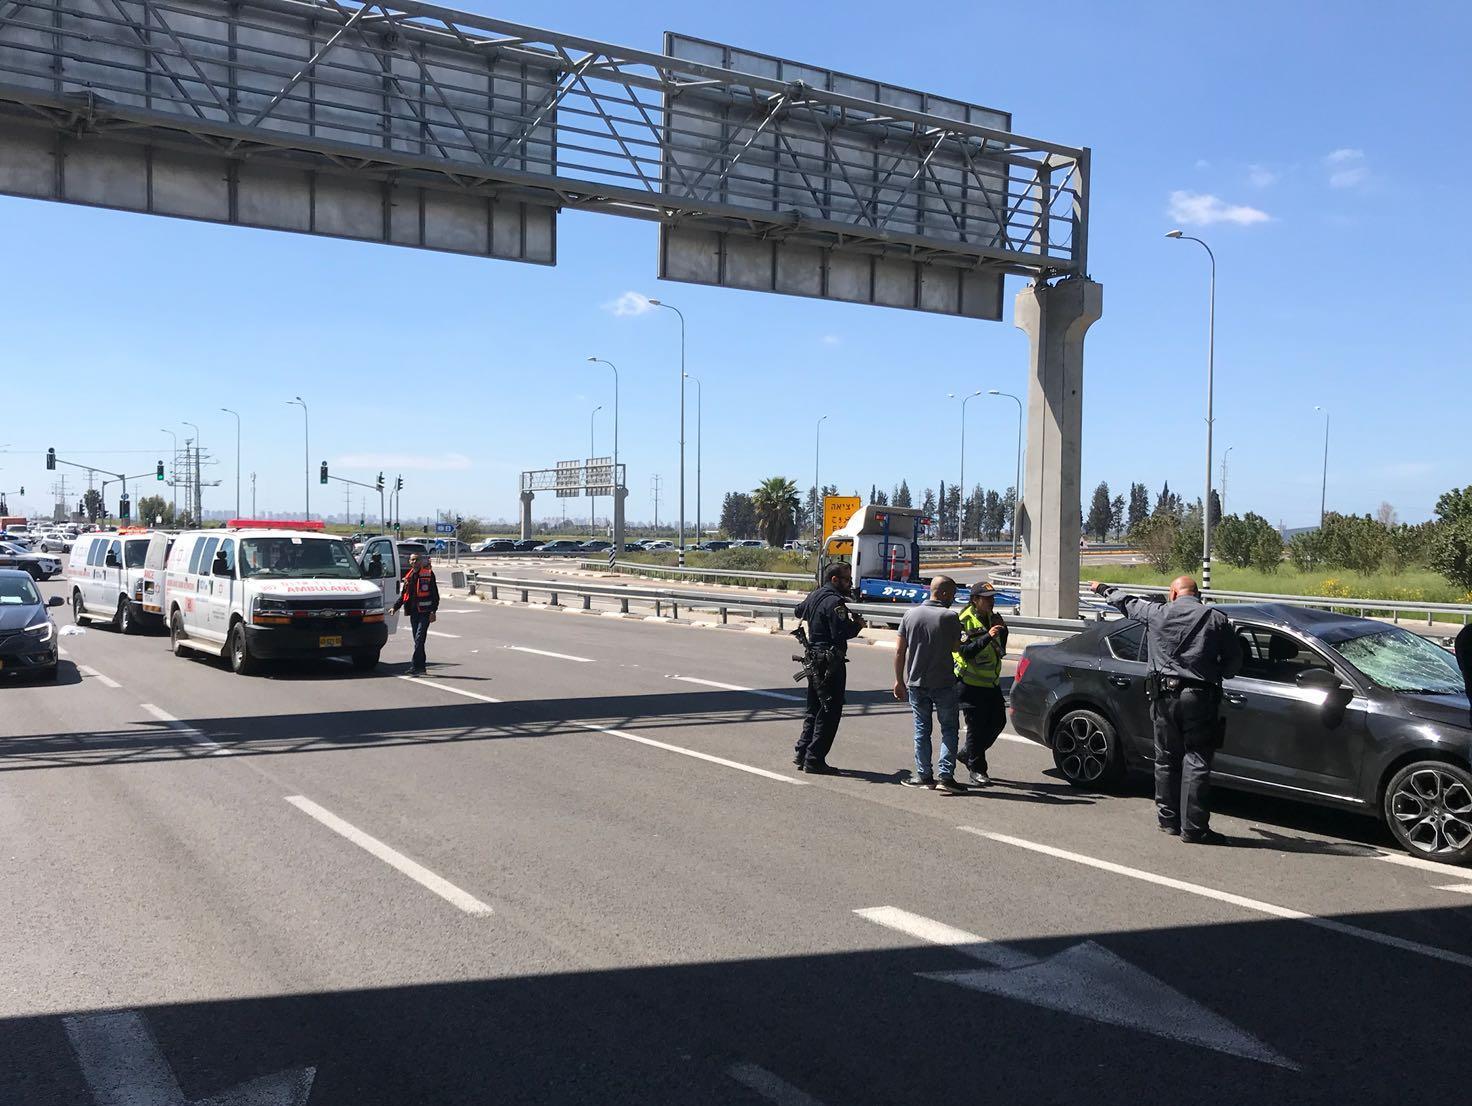 רוכב אופניים בן 66 נהרג מפגיעת רכב ליד ג'לג'וליה